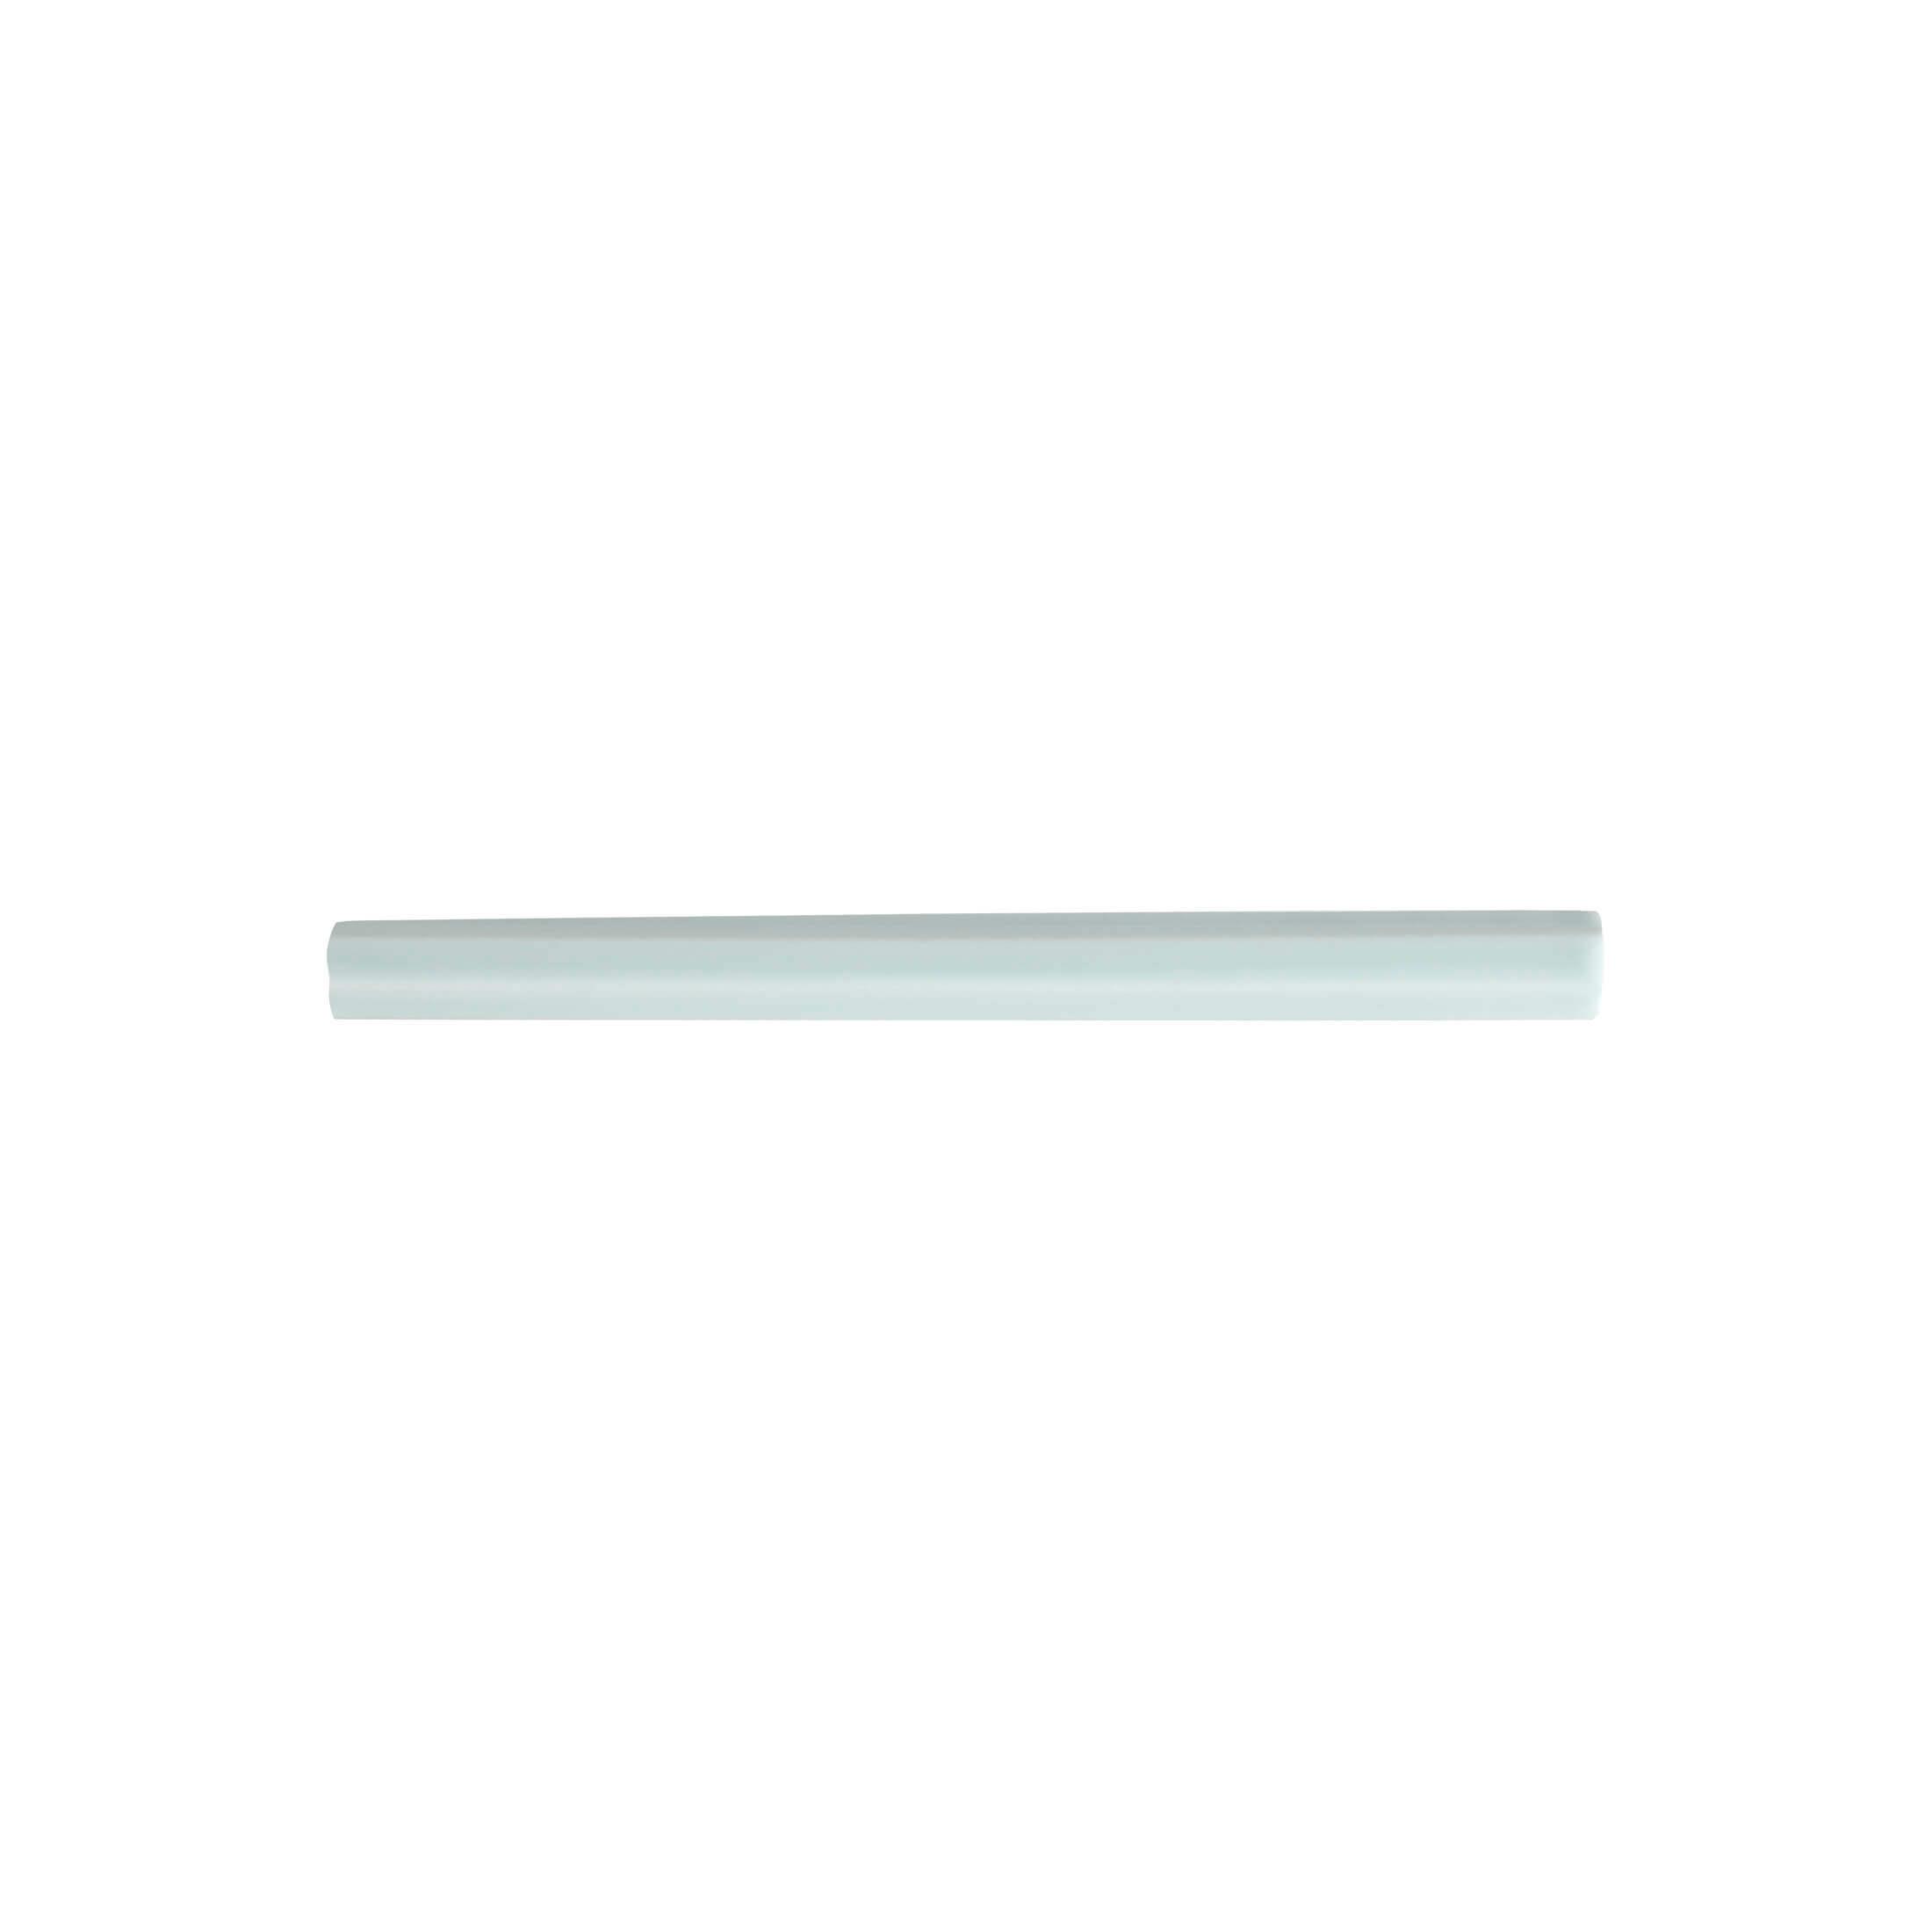 ADST5257 - LISTELO  - 1.7 cm X 19,8 cm